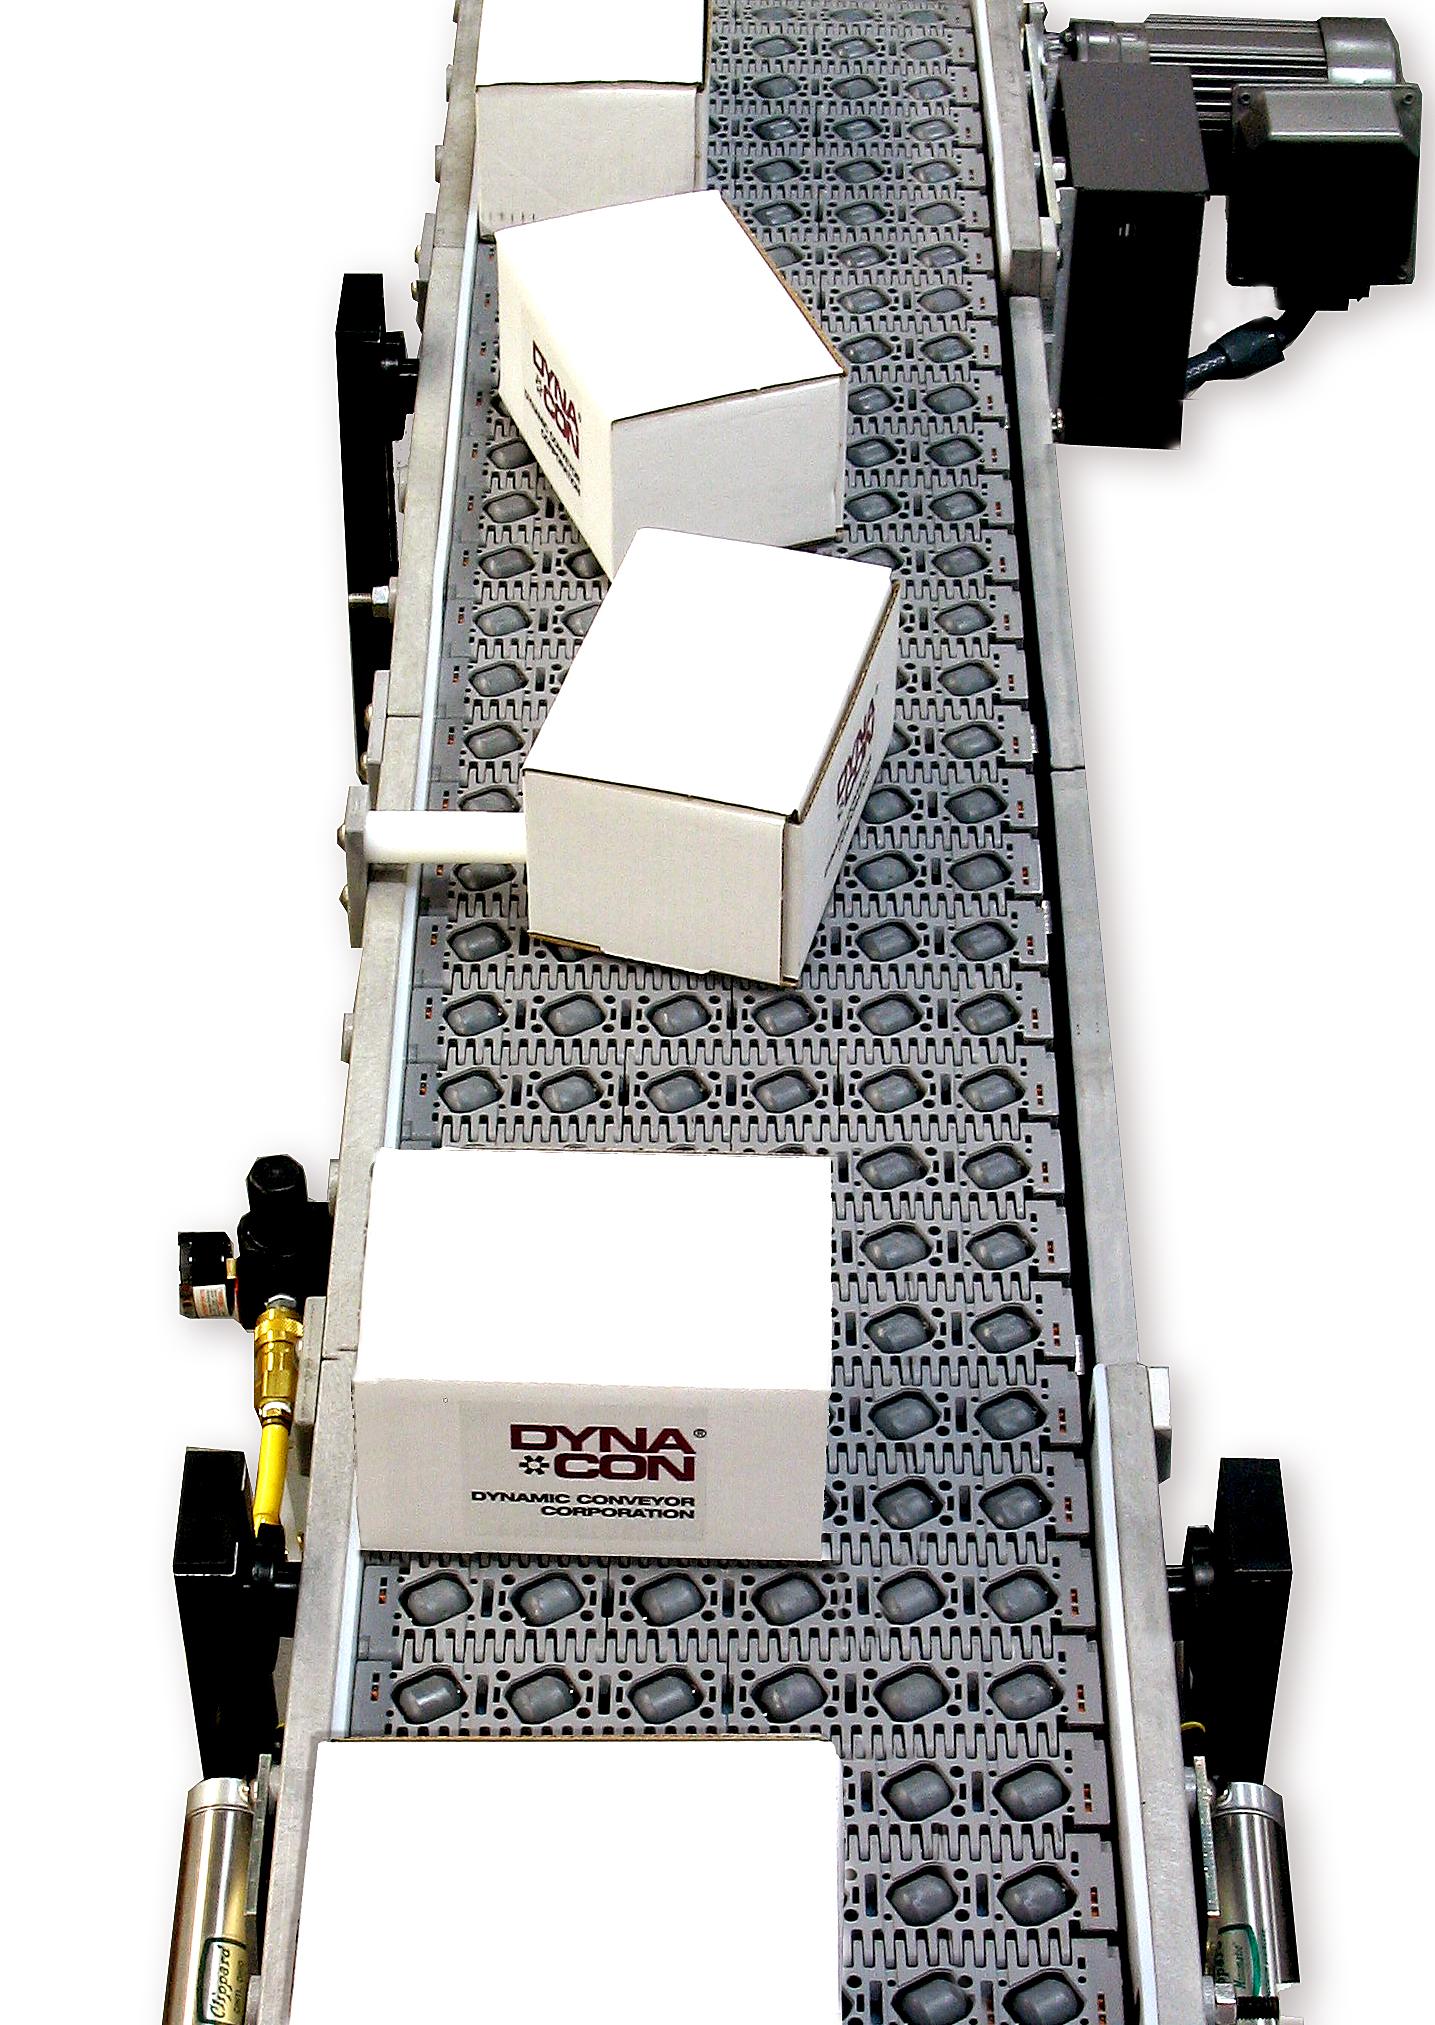 Case Turning Conveyors Box Turning Conveyor Systems Dynacon